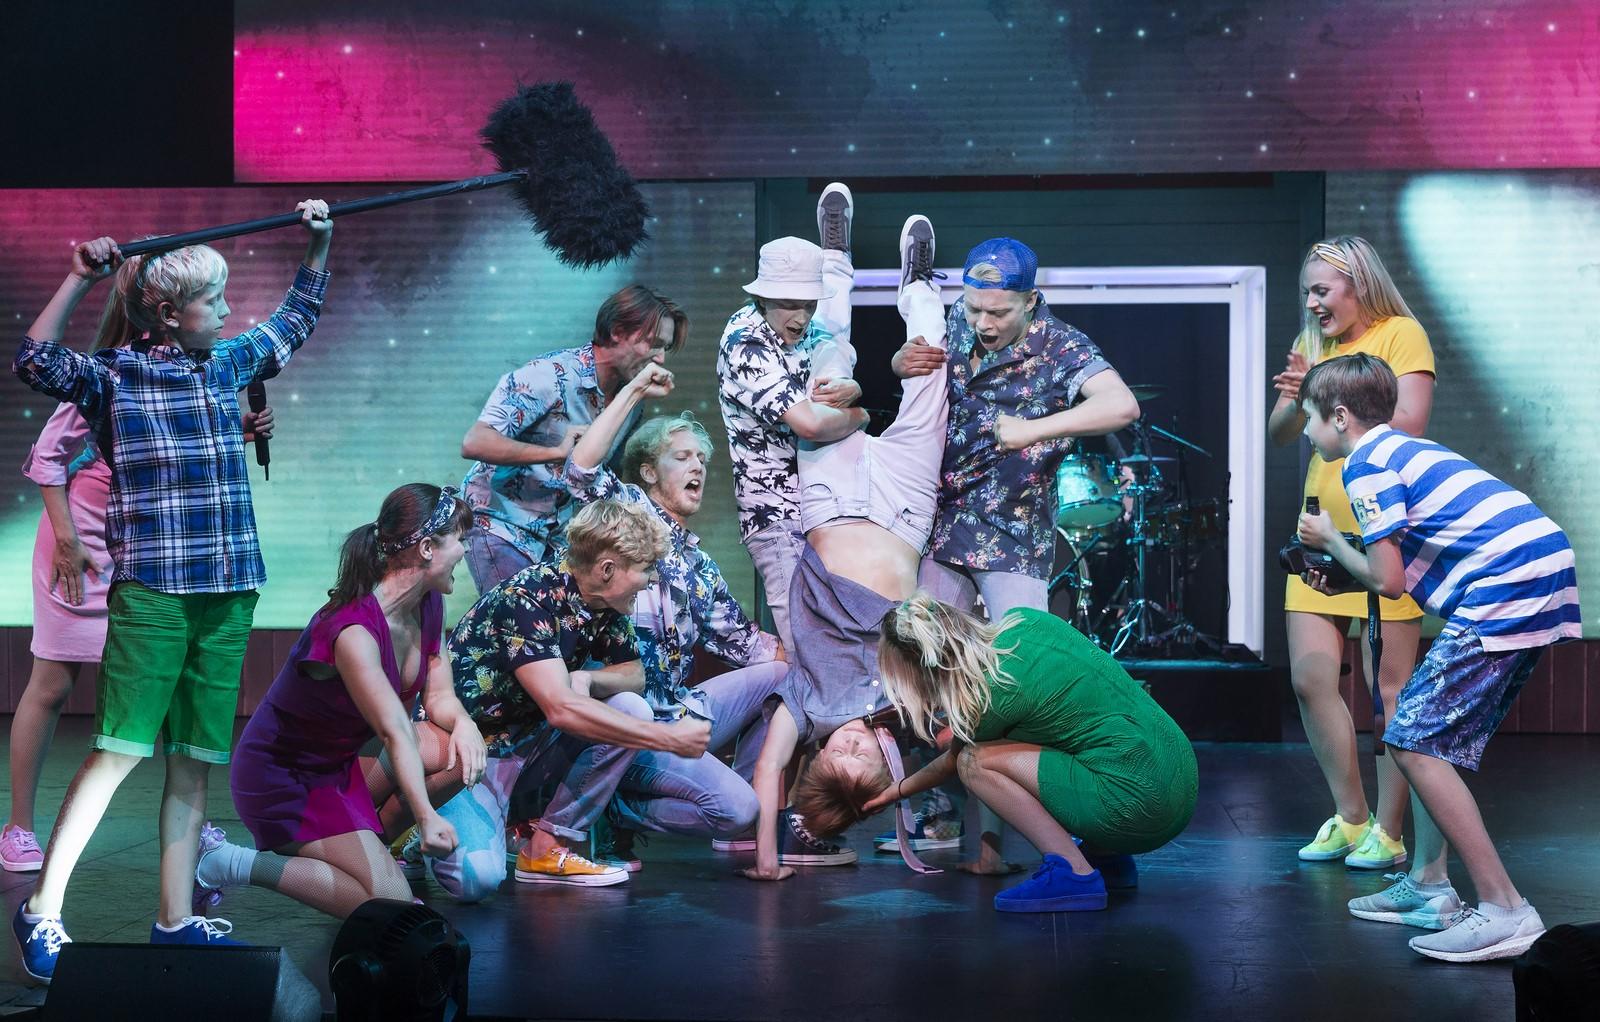 Anmeldelse: Kærlighed ved første hik – The musical, Tivoli (Langkjær Entertainment og Live Nation i samarbejde med Black Box Theatre)